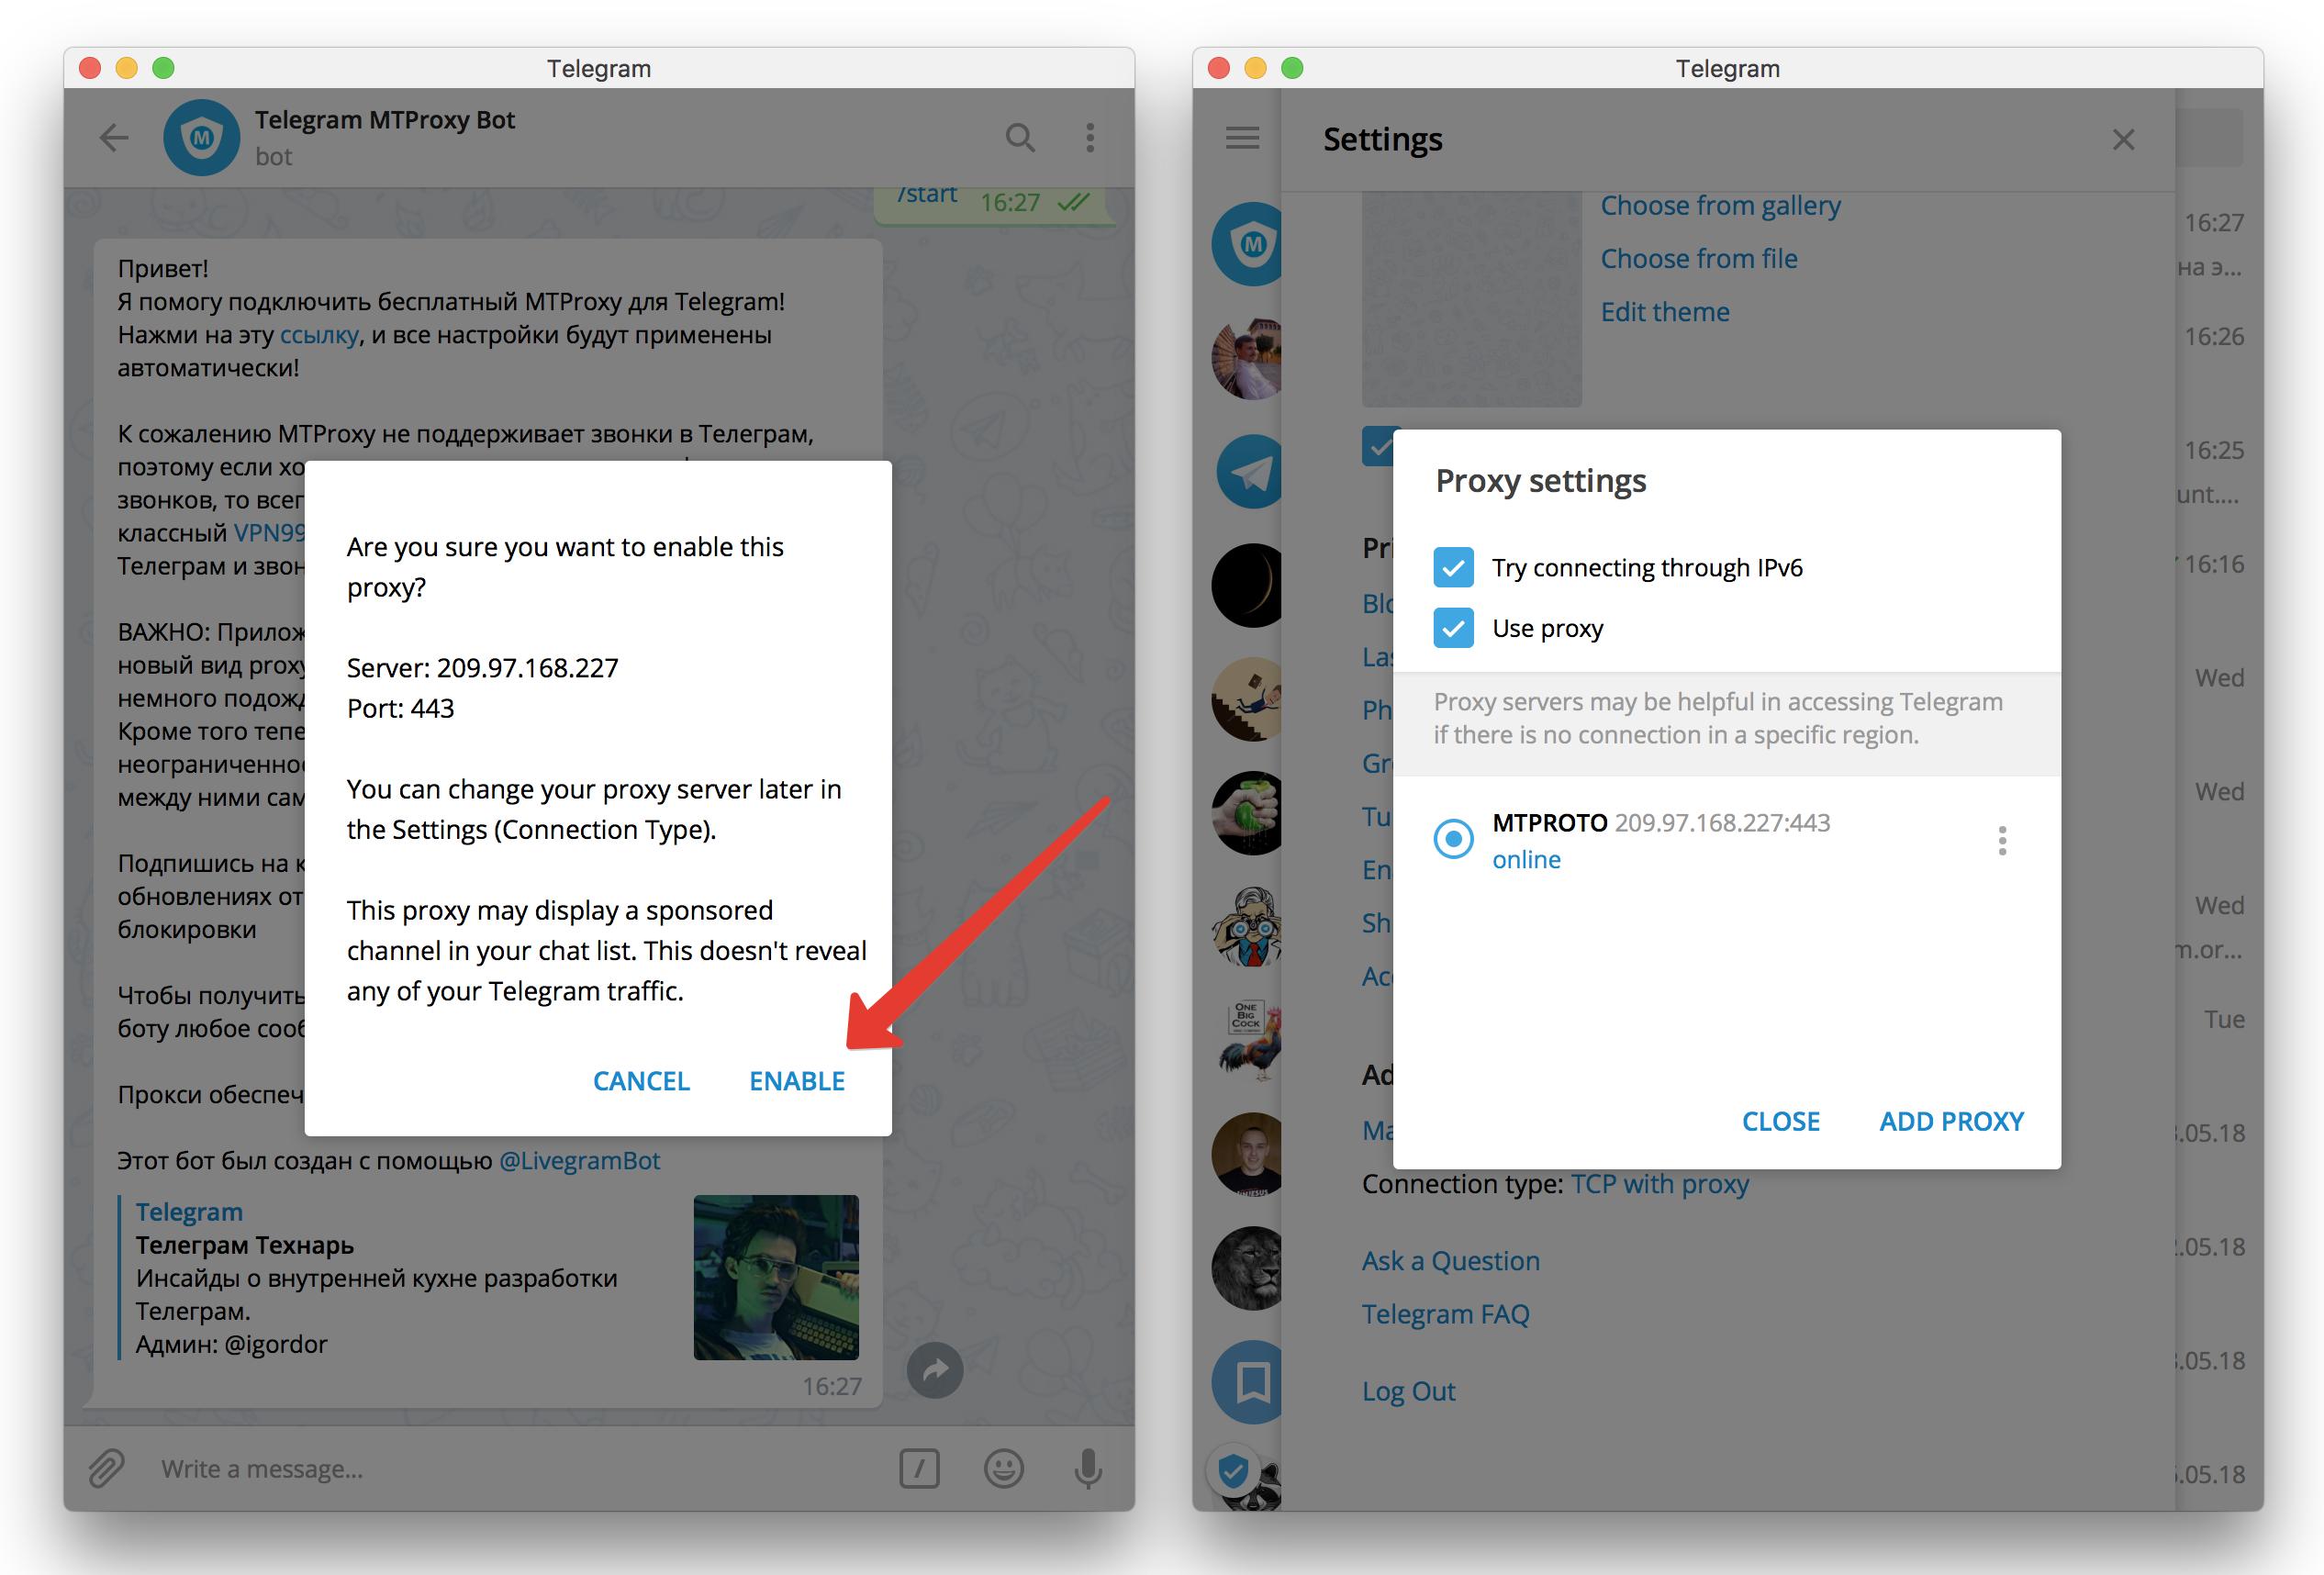 Настройки по ссылке применяются автоматически.